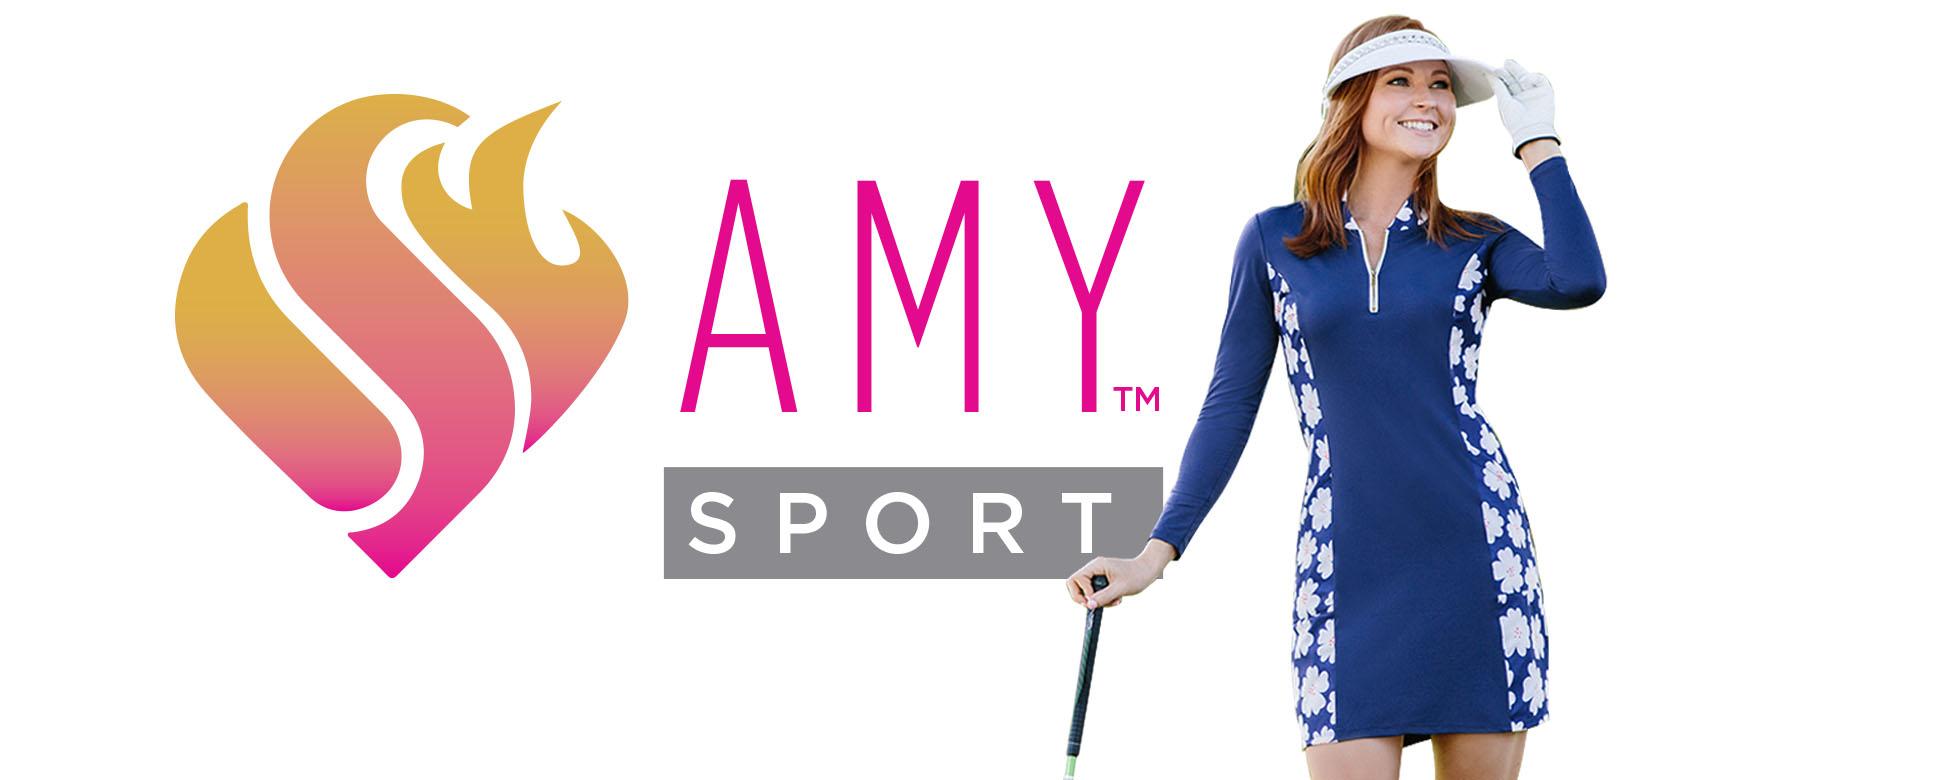 Amy Sport by Spitfire Petite